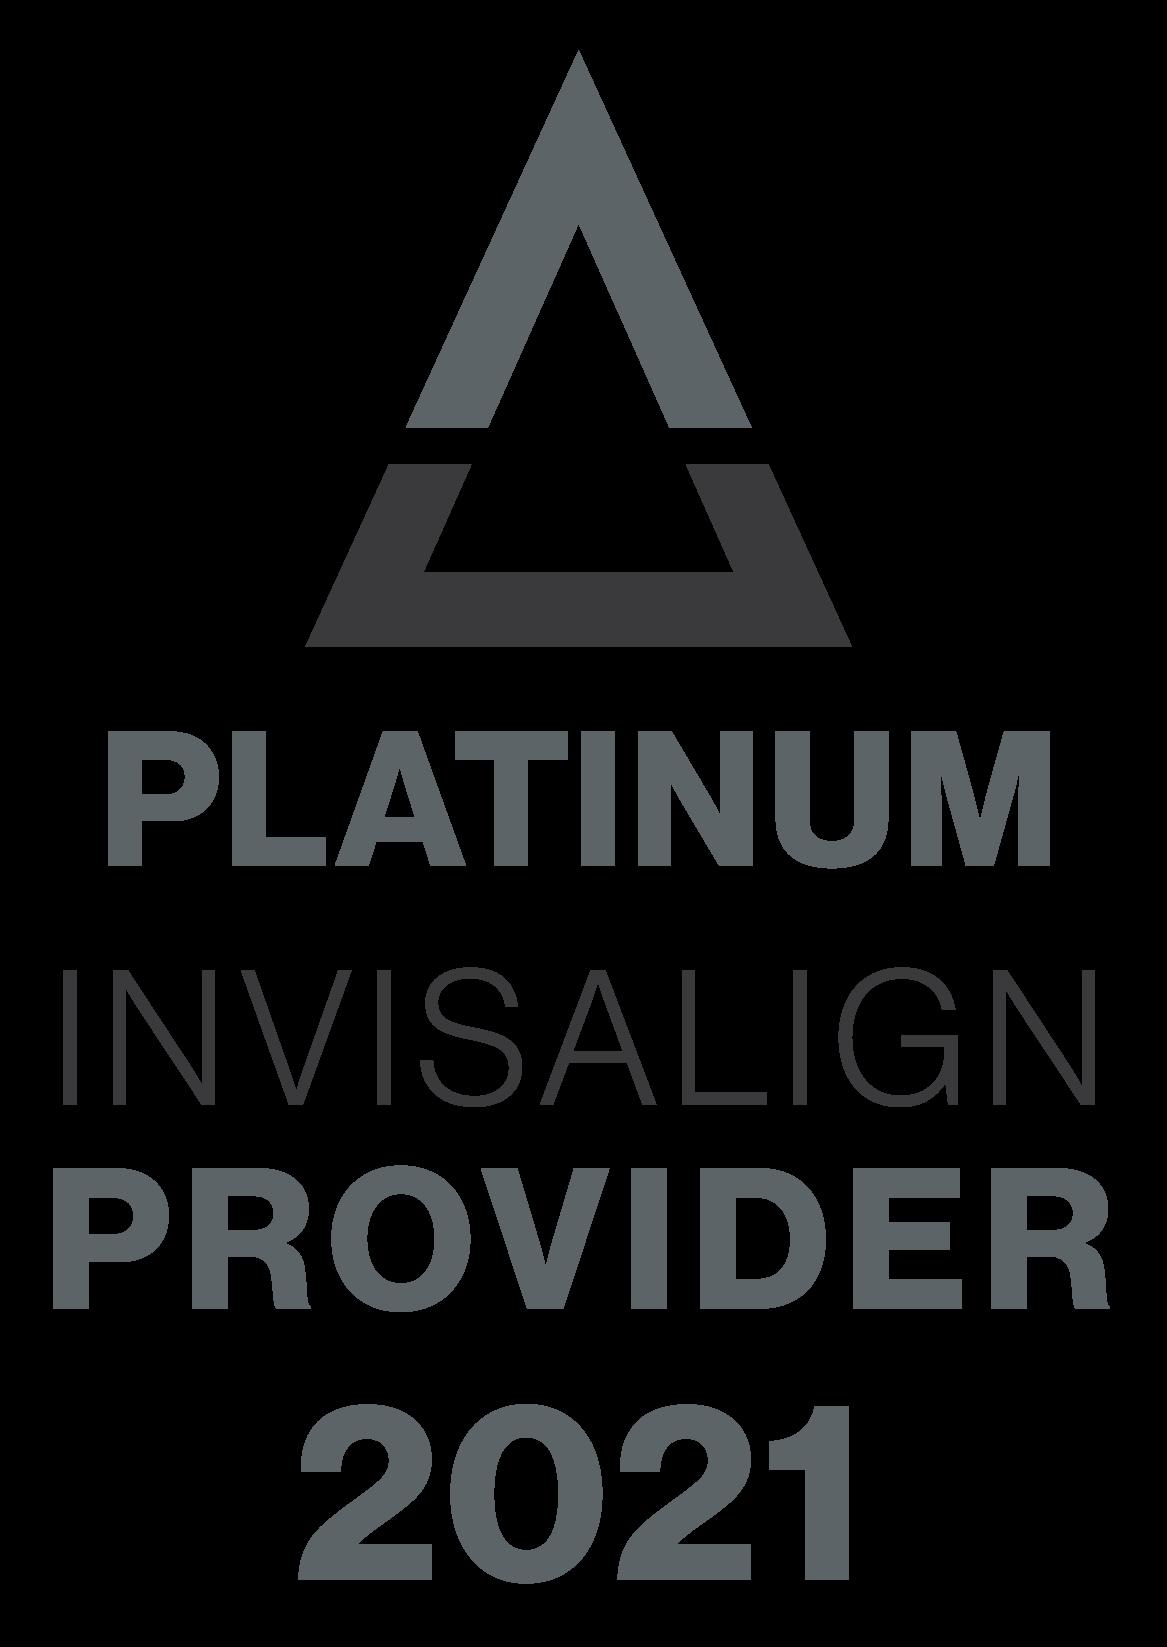 invisalign platinum provider badge